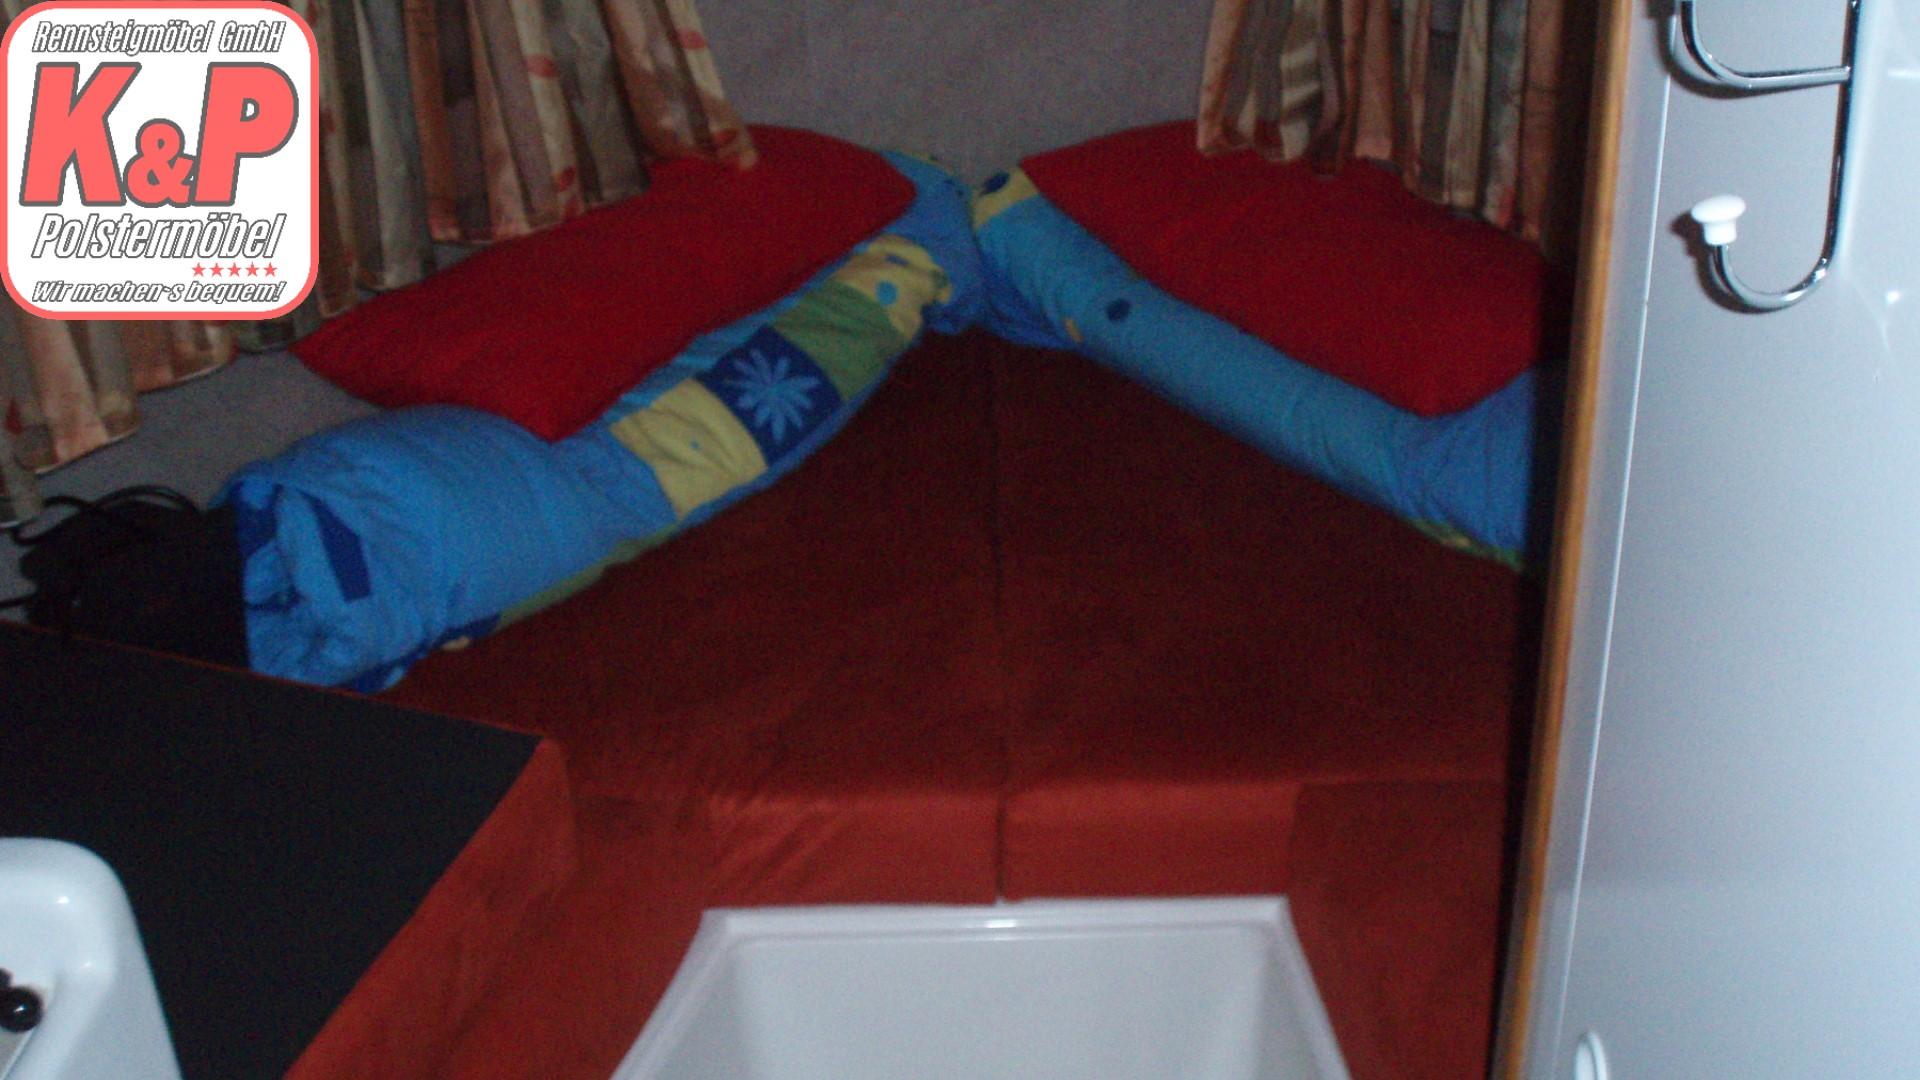 Full Size of Bullfrog Mokumuku Sofa Franz Kaufen Sessel Ecksofa Polstermbel Französische Betten Fertig Wohnzimmer Mokumuku Franz